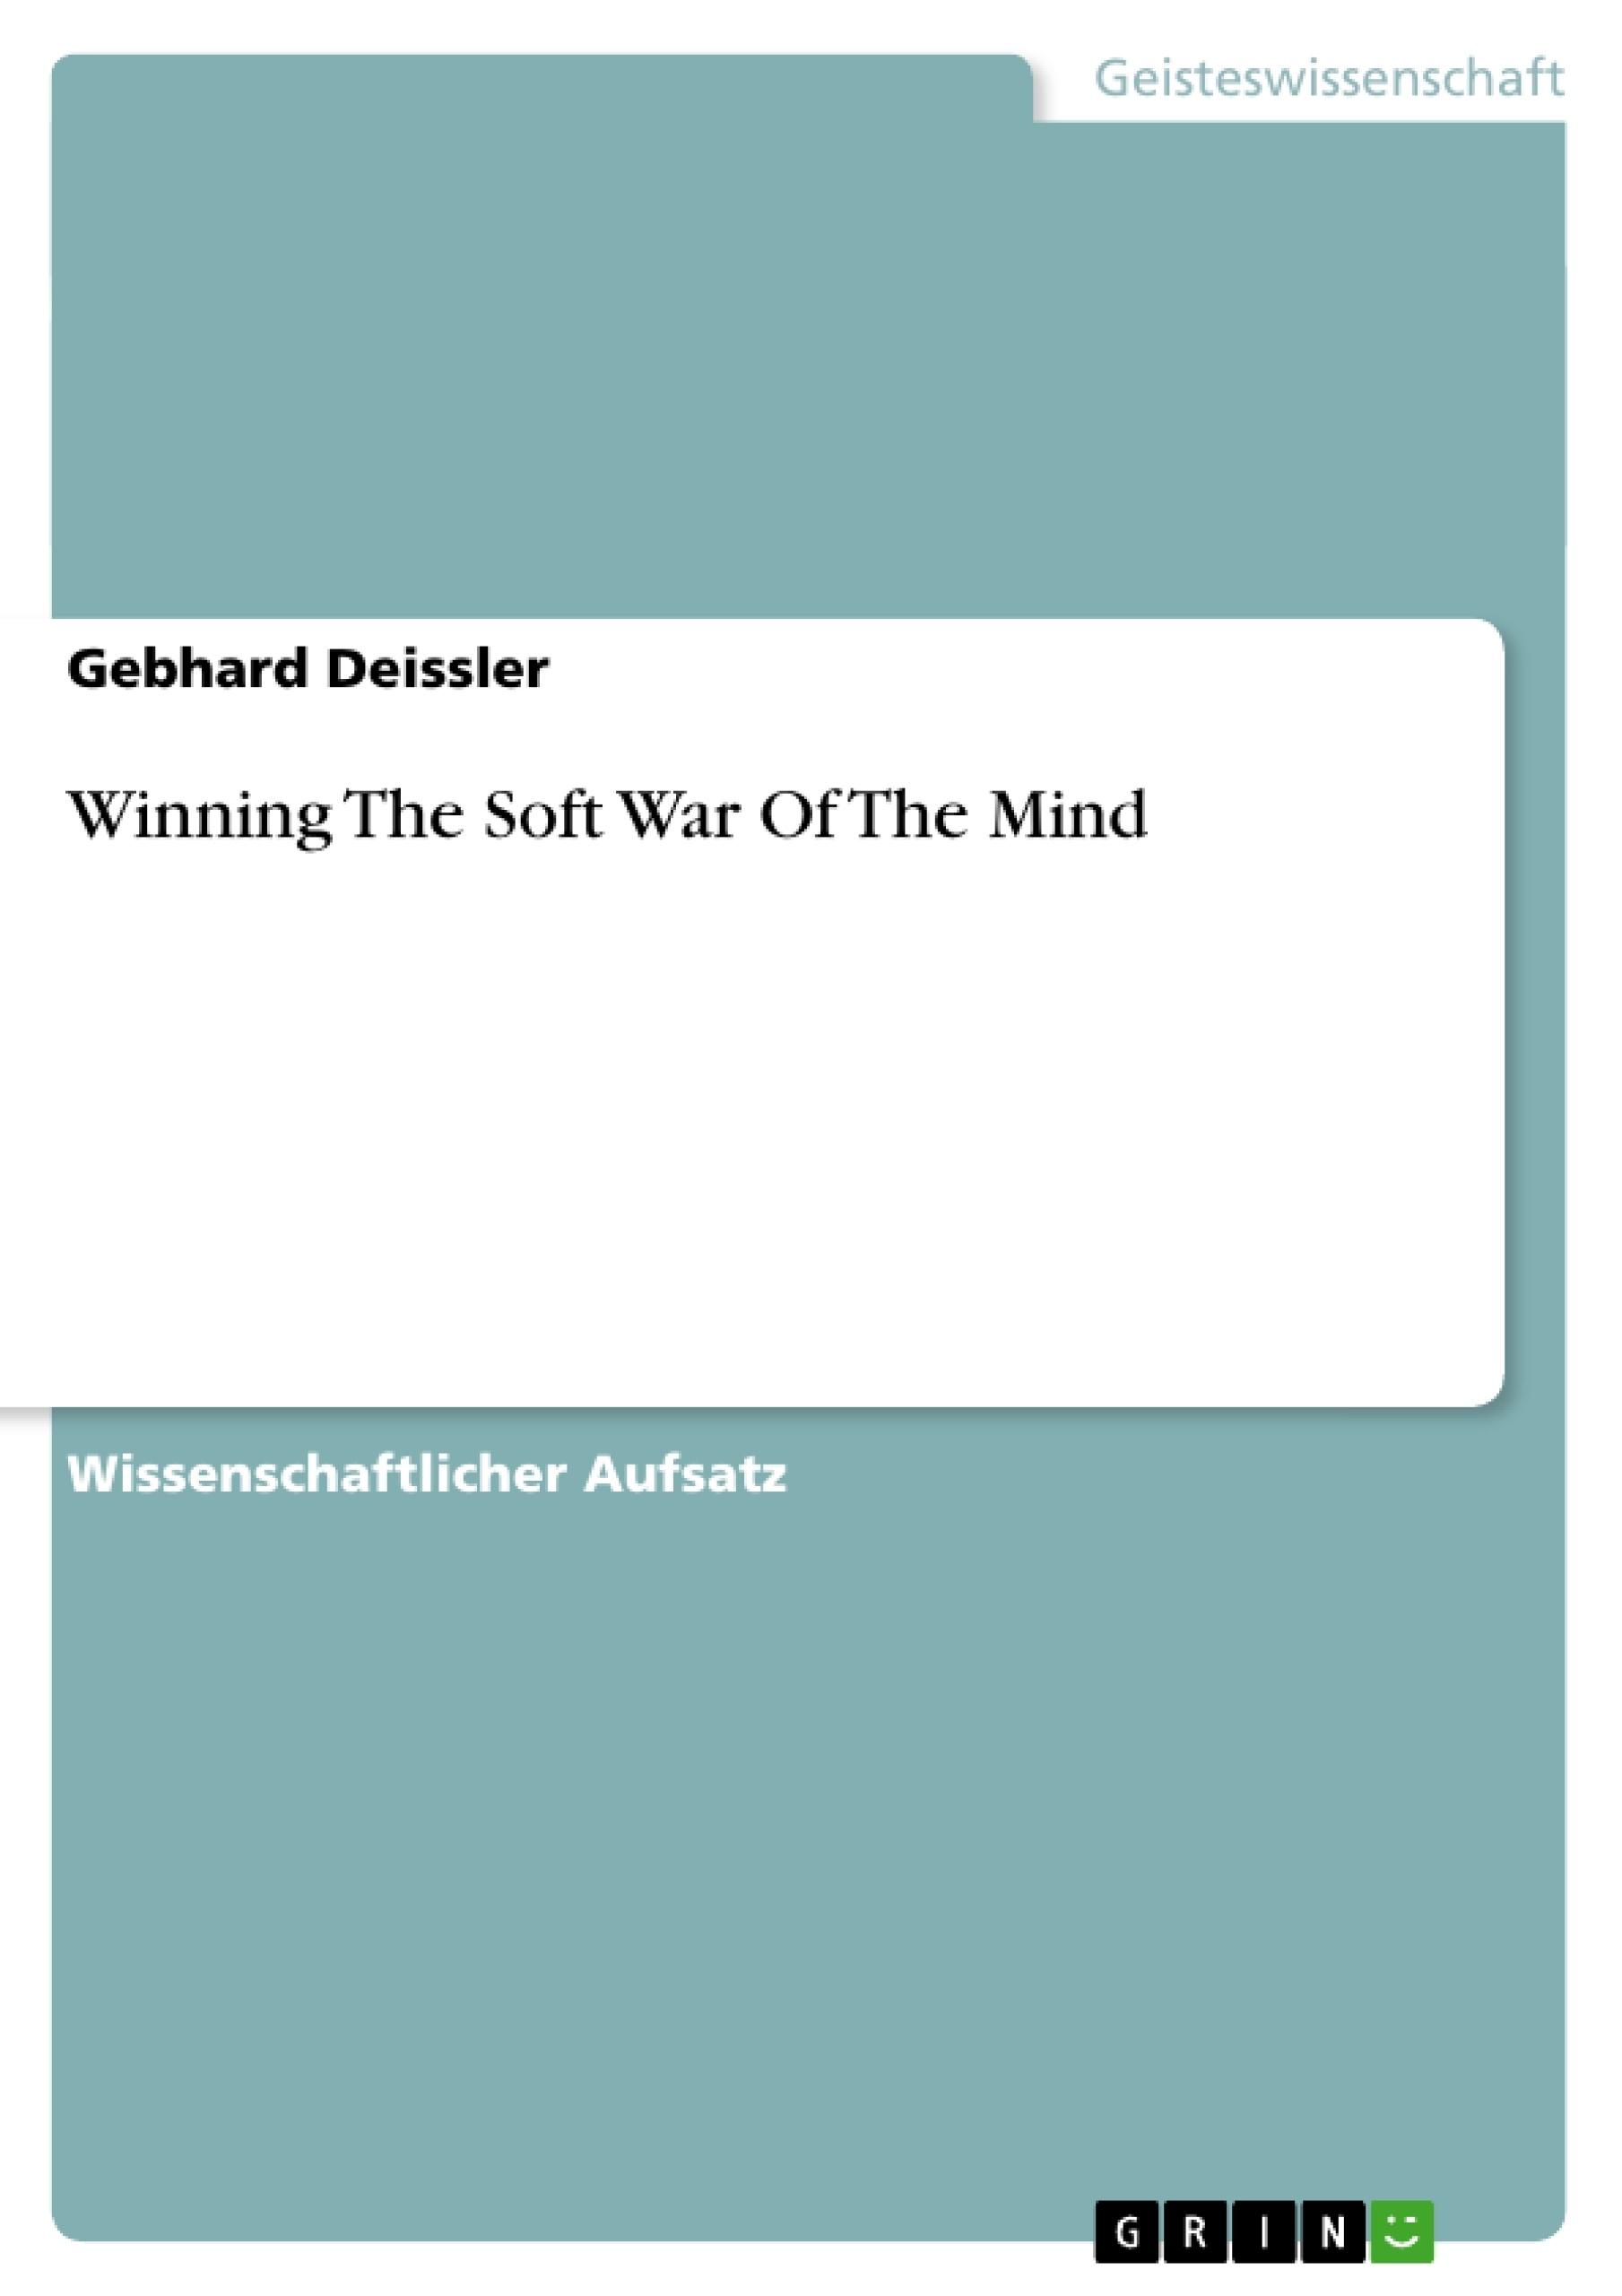 Titel: Winning The Soft War Of The Mind